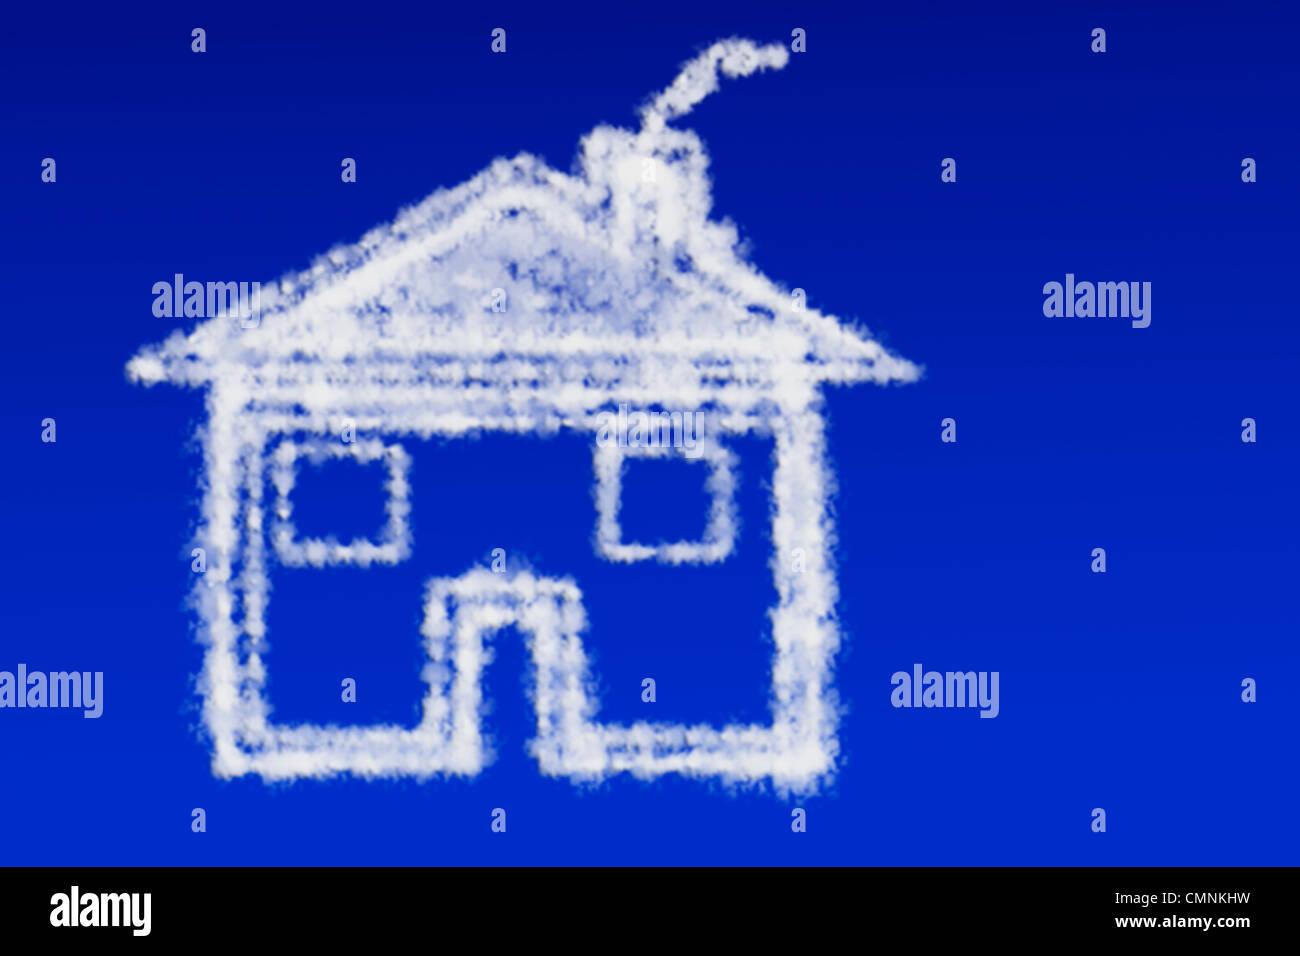 Wolken in Form Eines Stadtstraßennetz Schweben bin Blauen Himmel   Wolken in der Form eines Hauses in den blauen Stockbild